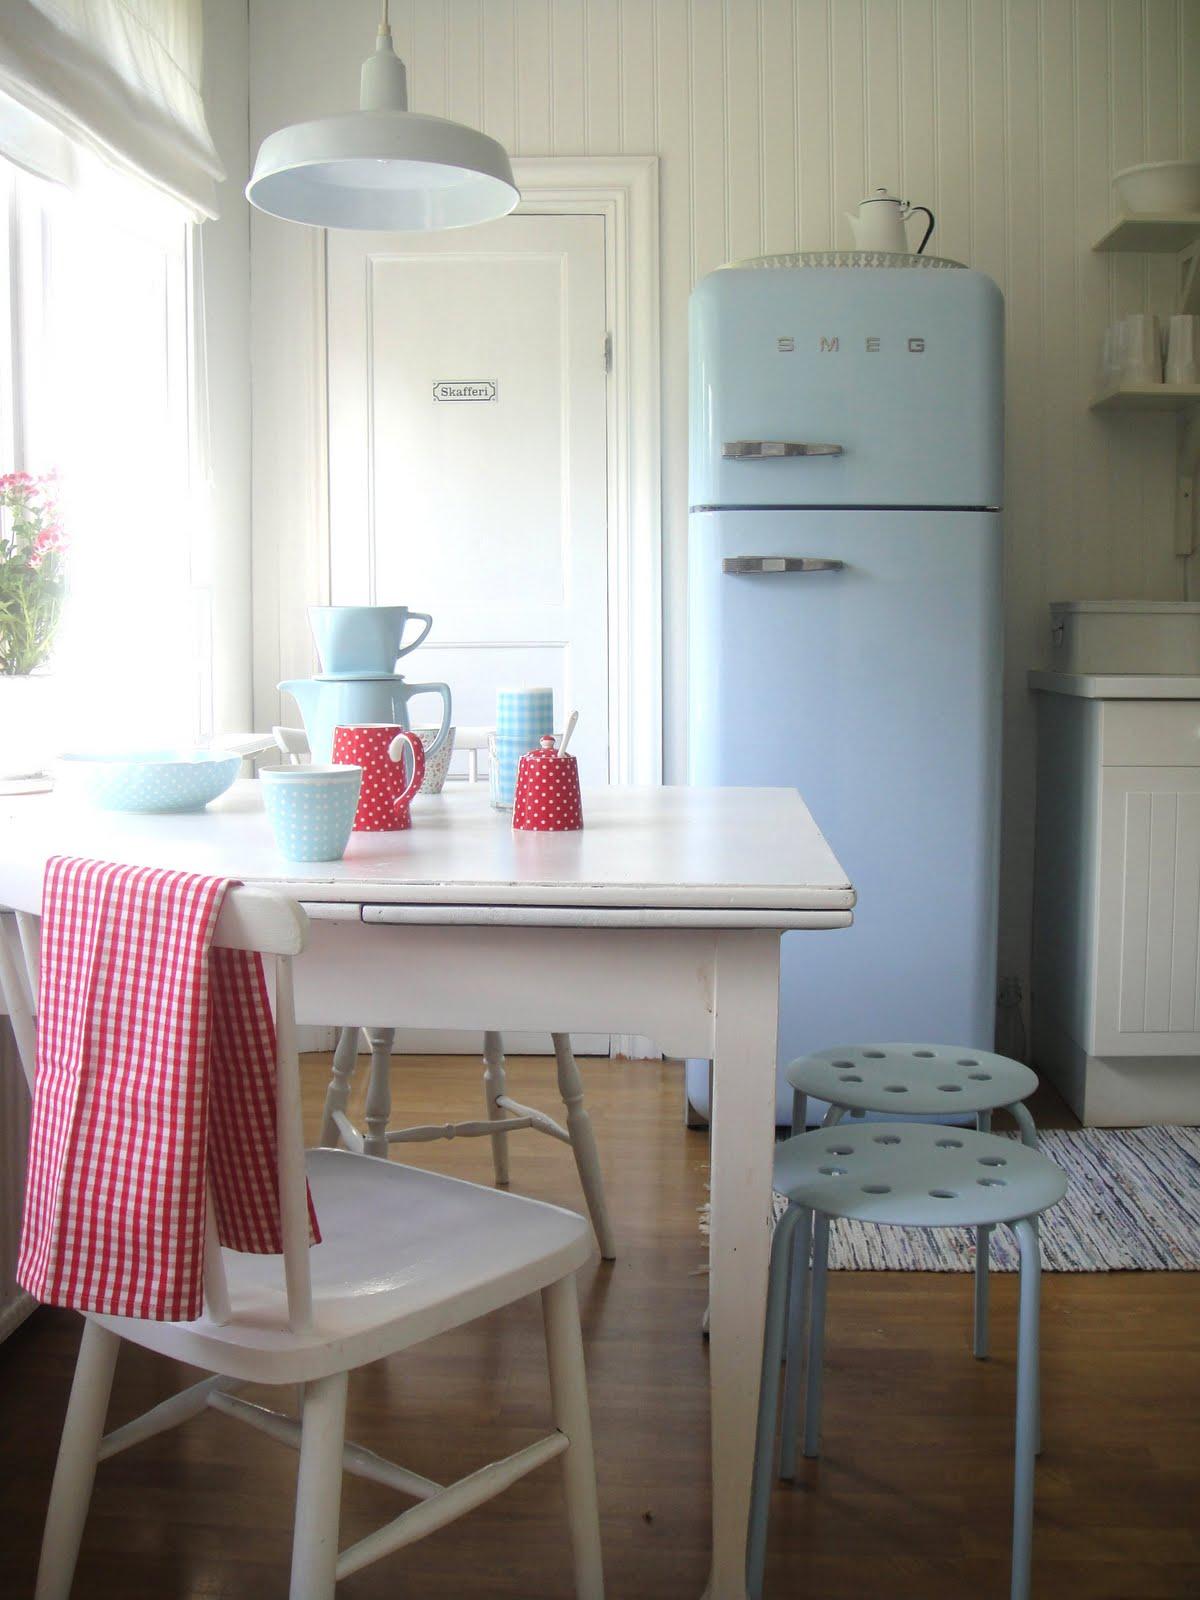 Blatt Kok Ikea : blott kok ikea  horligt hemma Blott och rott i koket